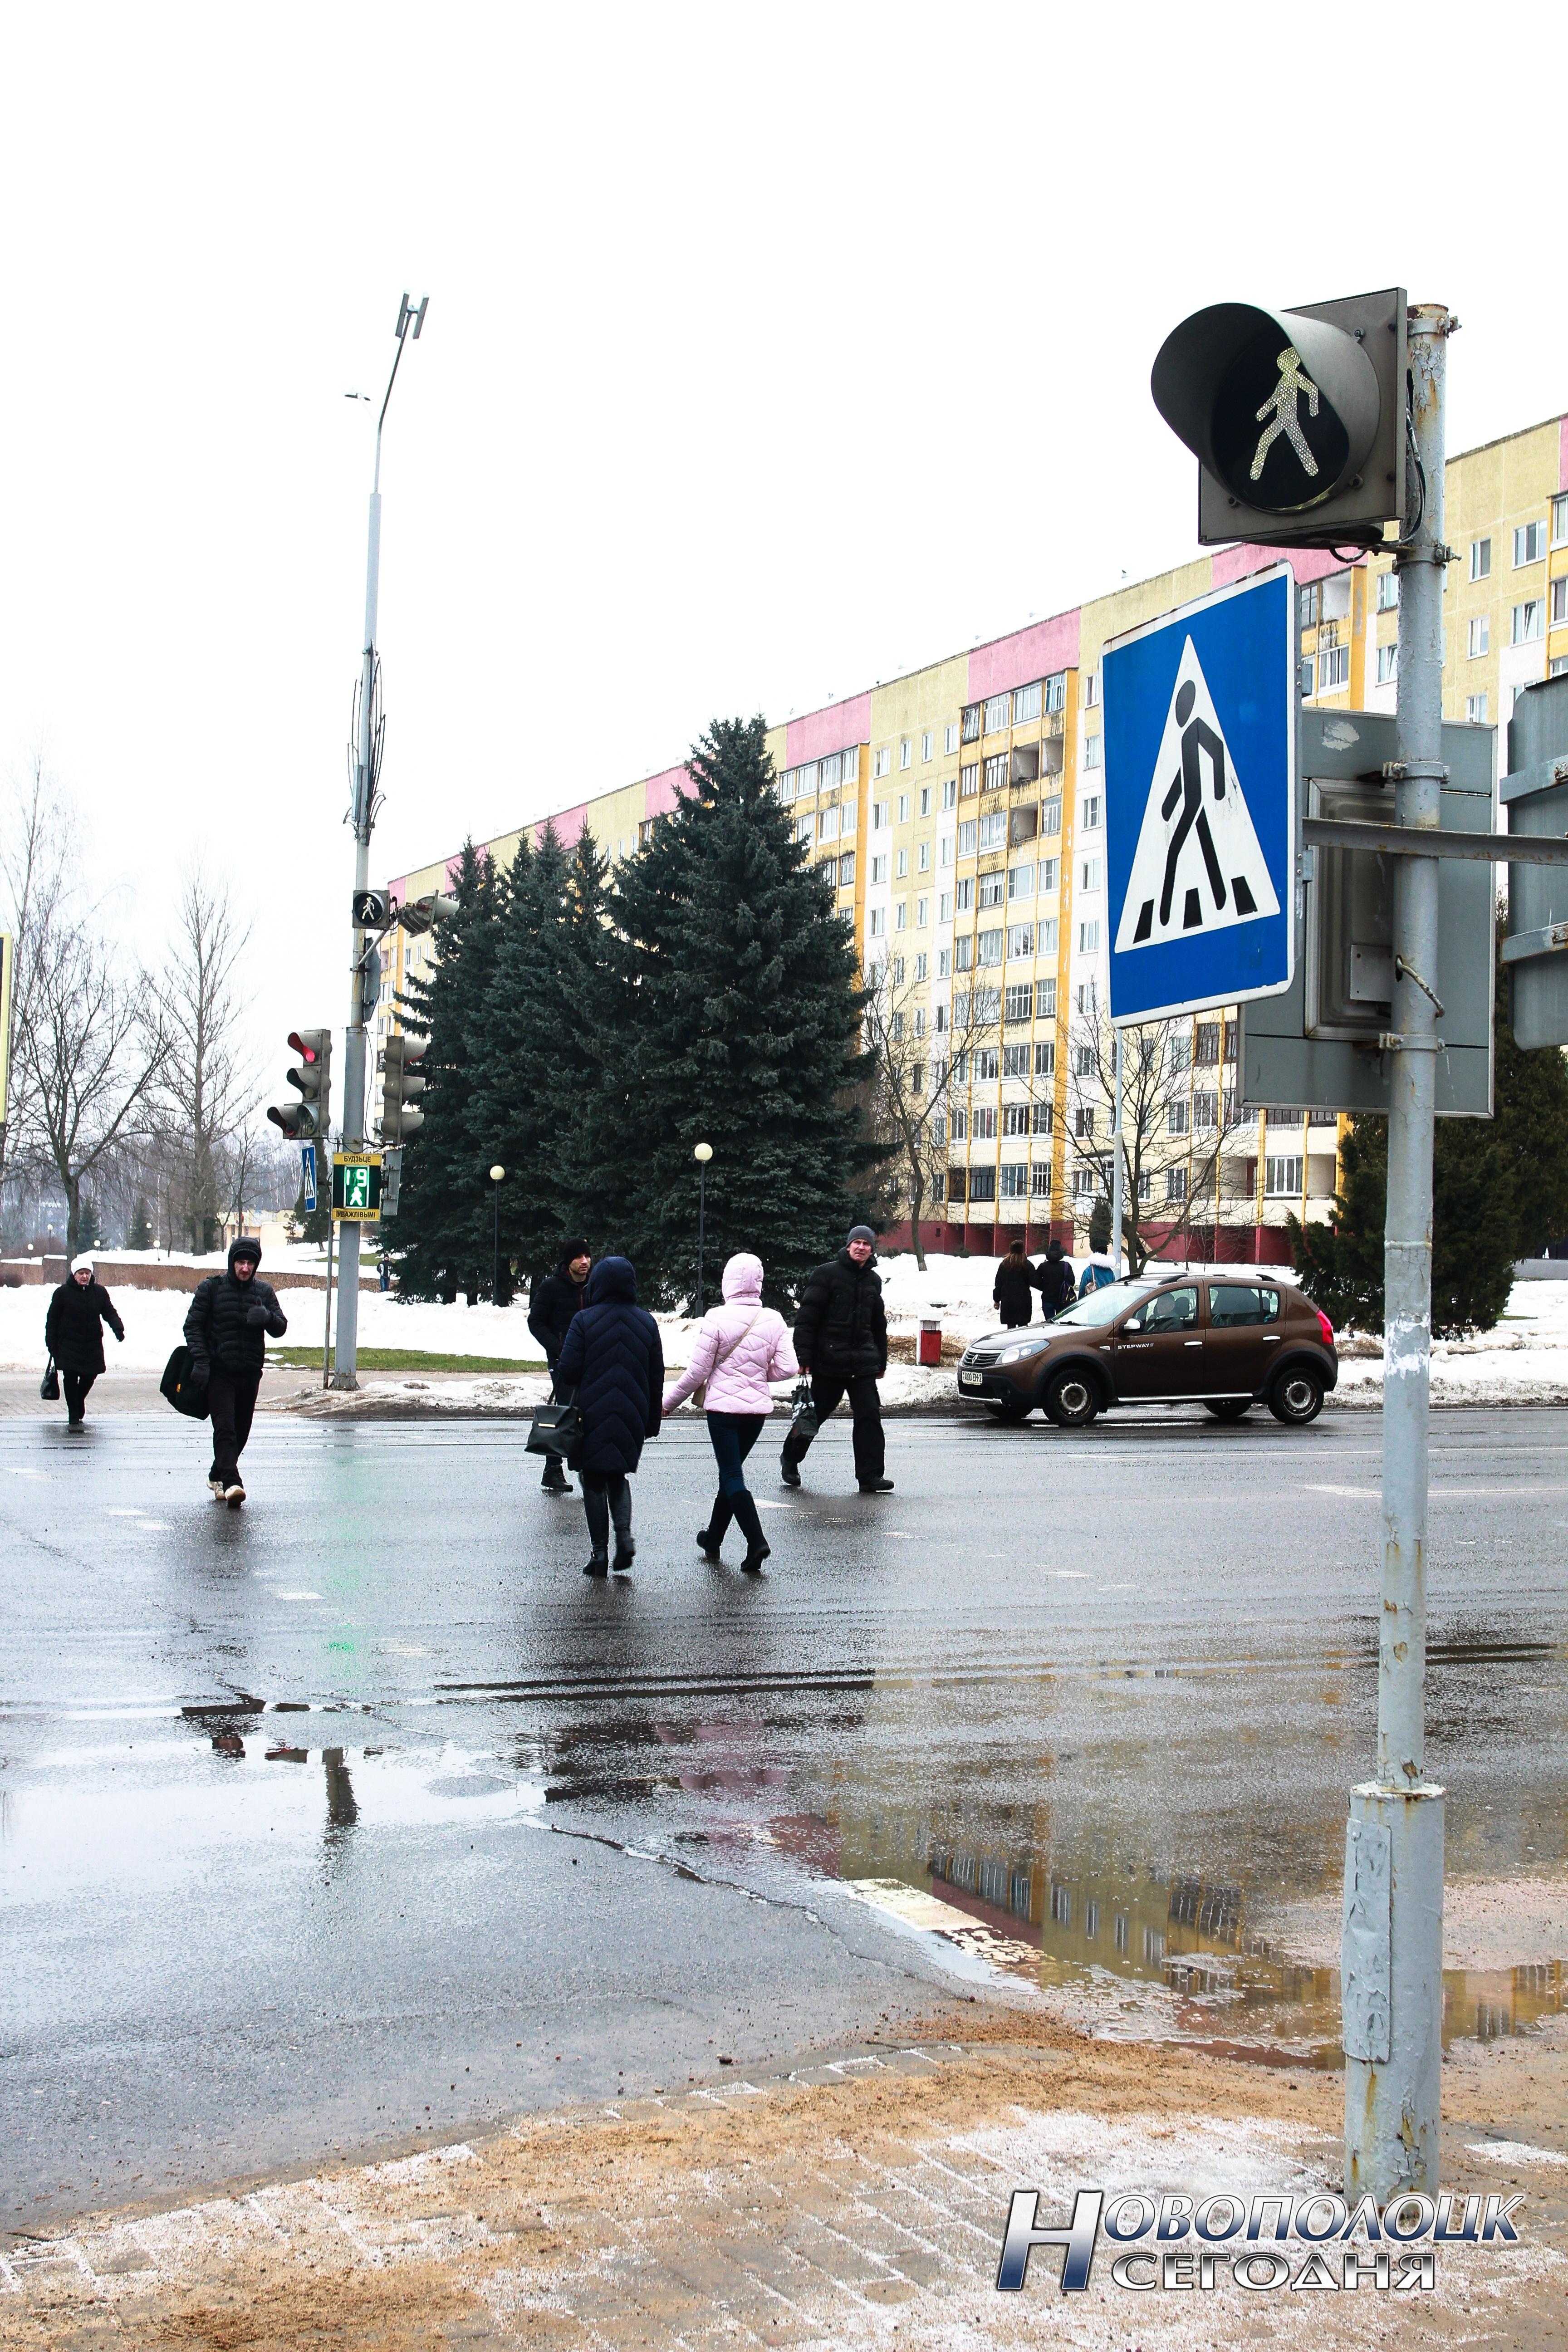 Пешеходы пересекают проезжую часть по регулируемому пешеходному переходу. Заметили, кто из них нарушает ПДД?